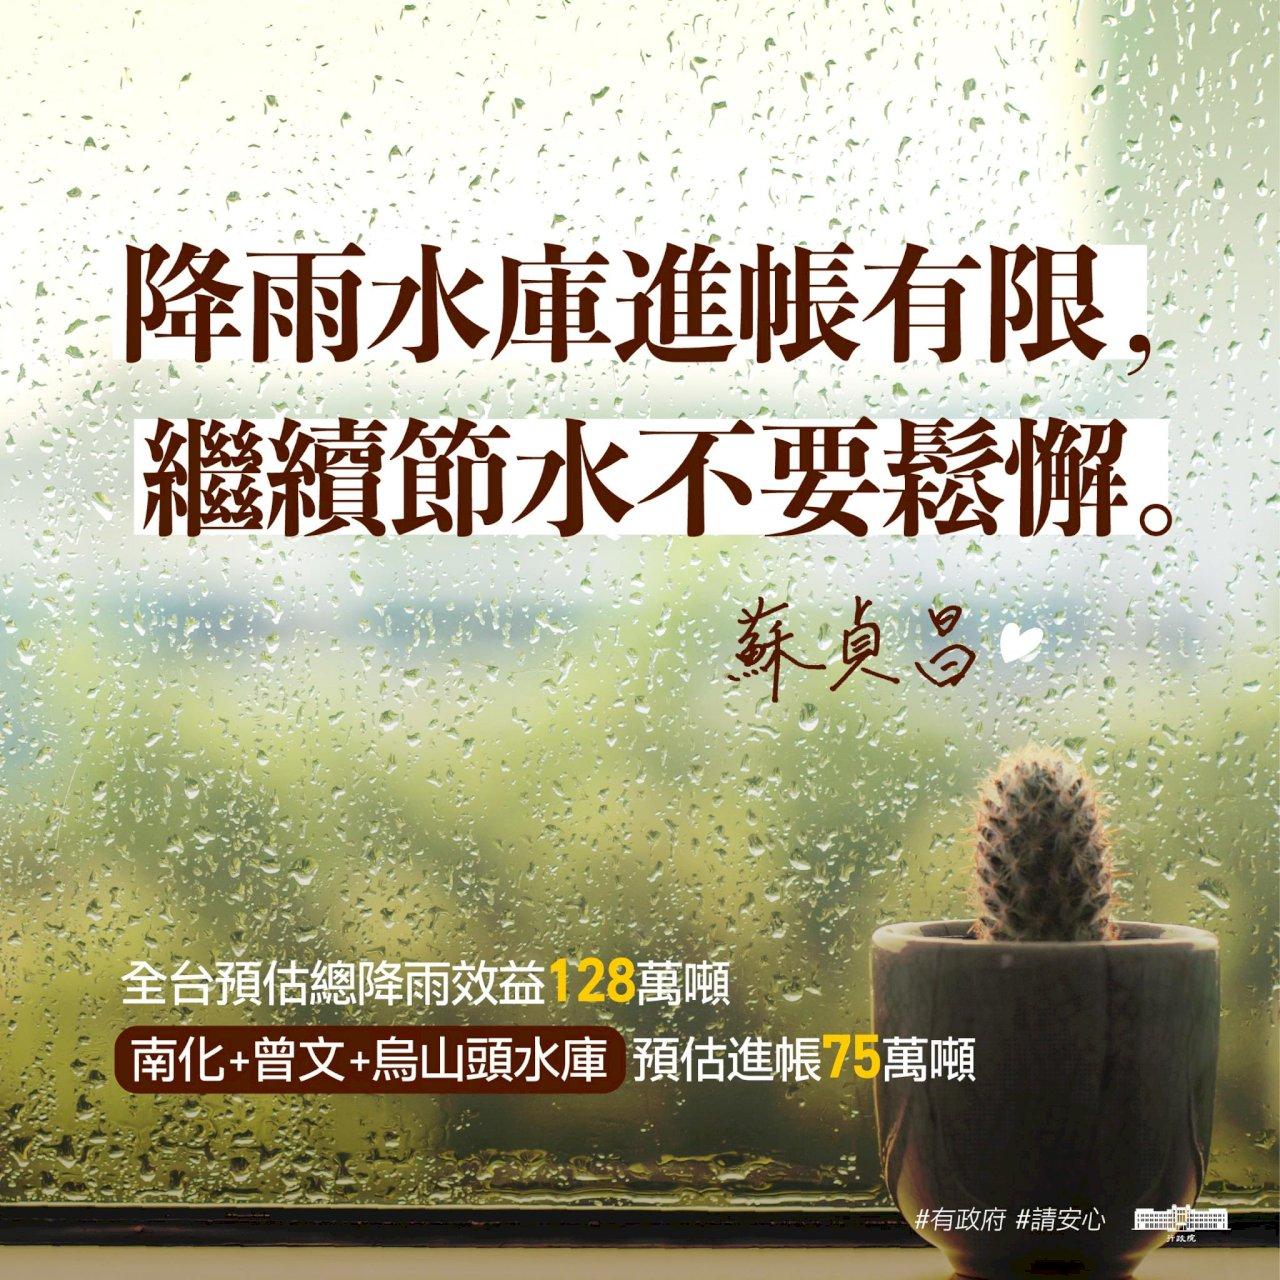 中南部終降雨 蘇揆:水情仍嚴峻 籲繼續節水